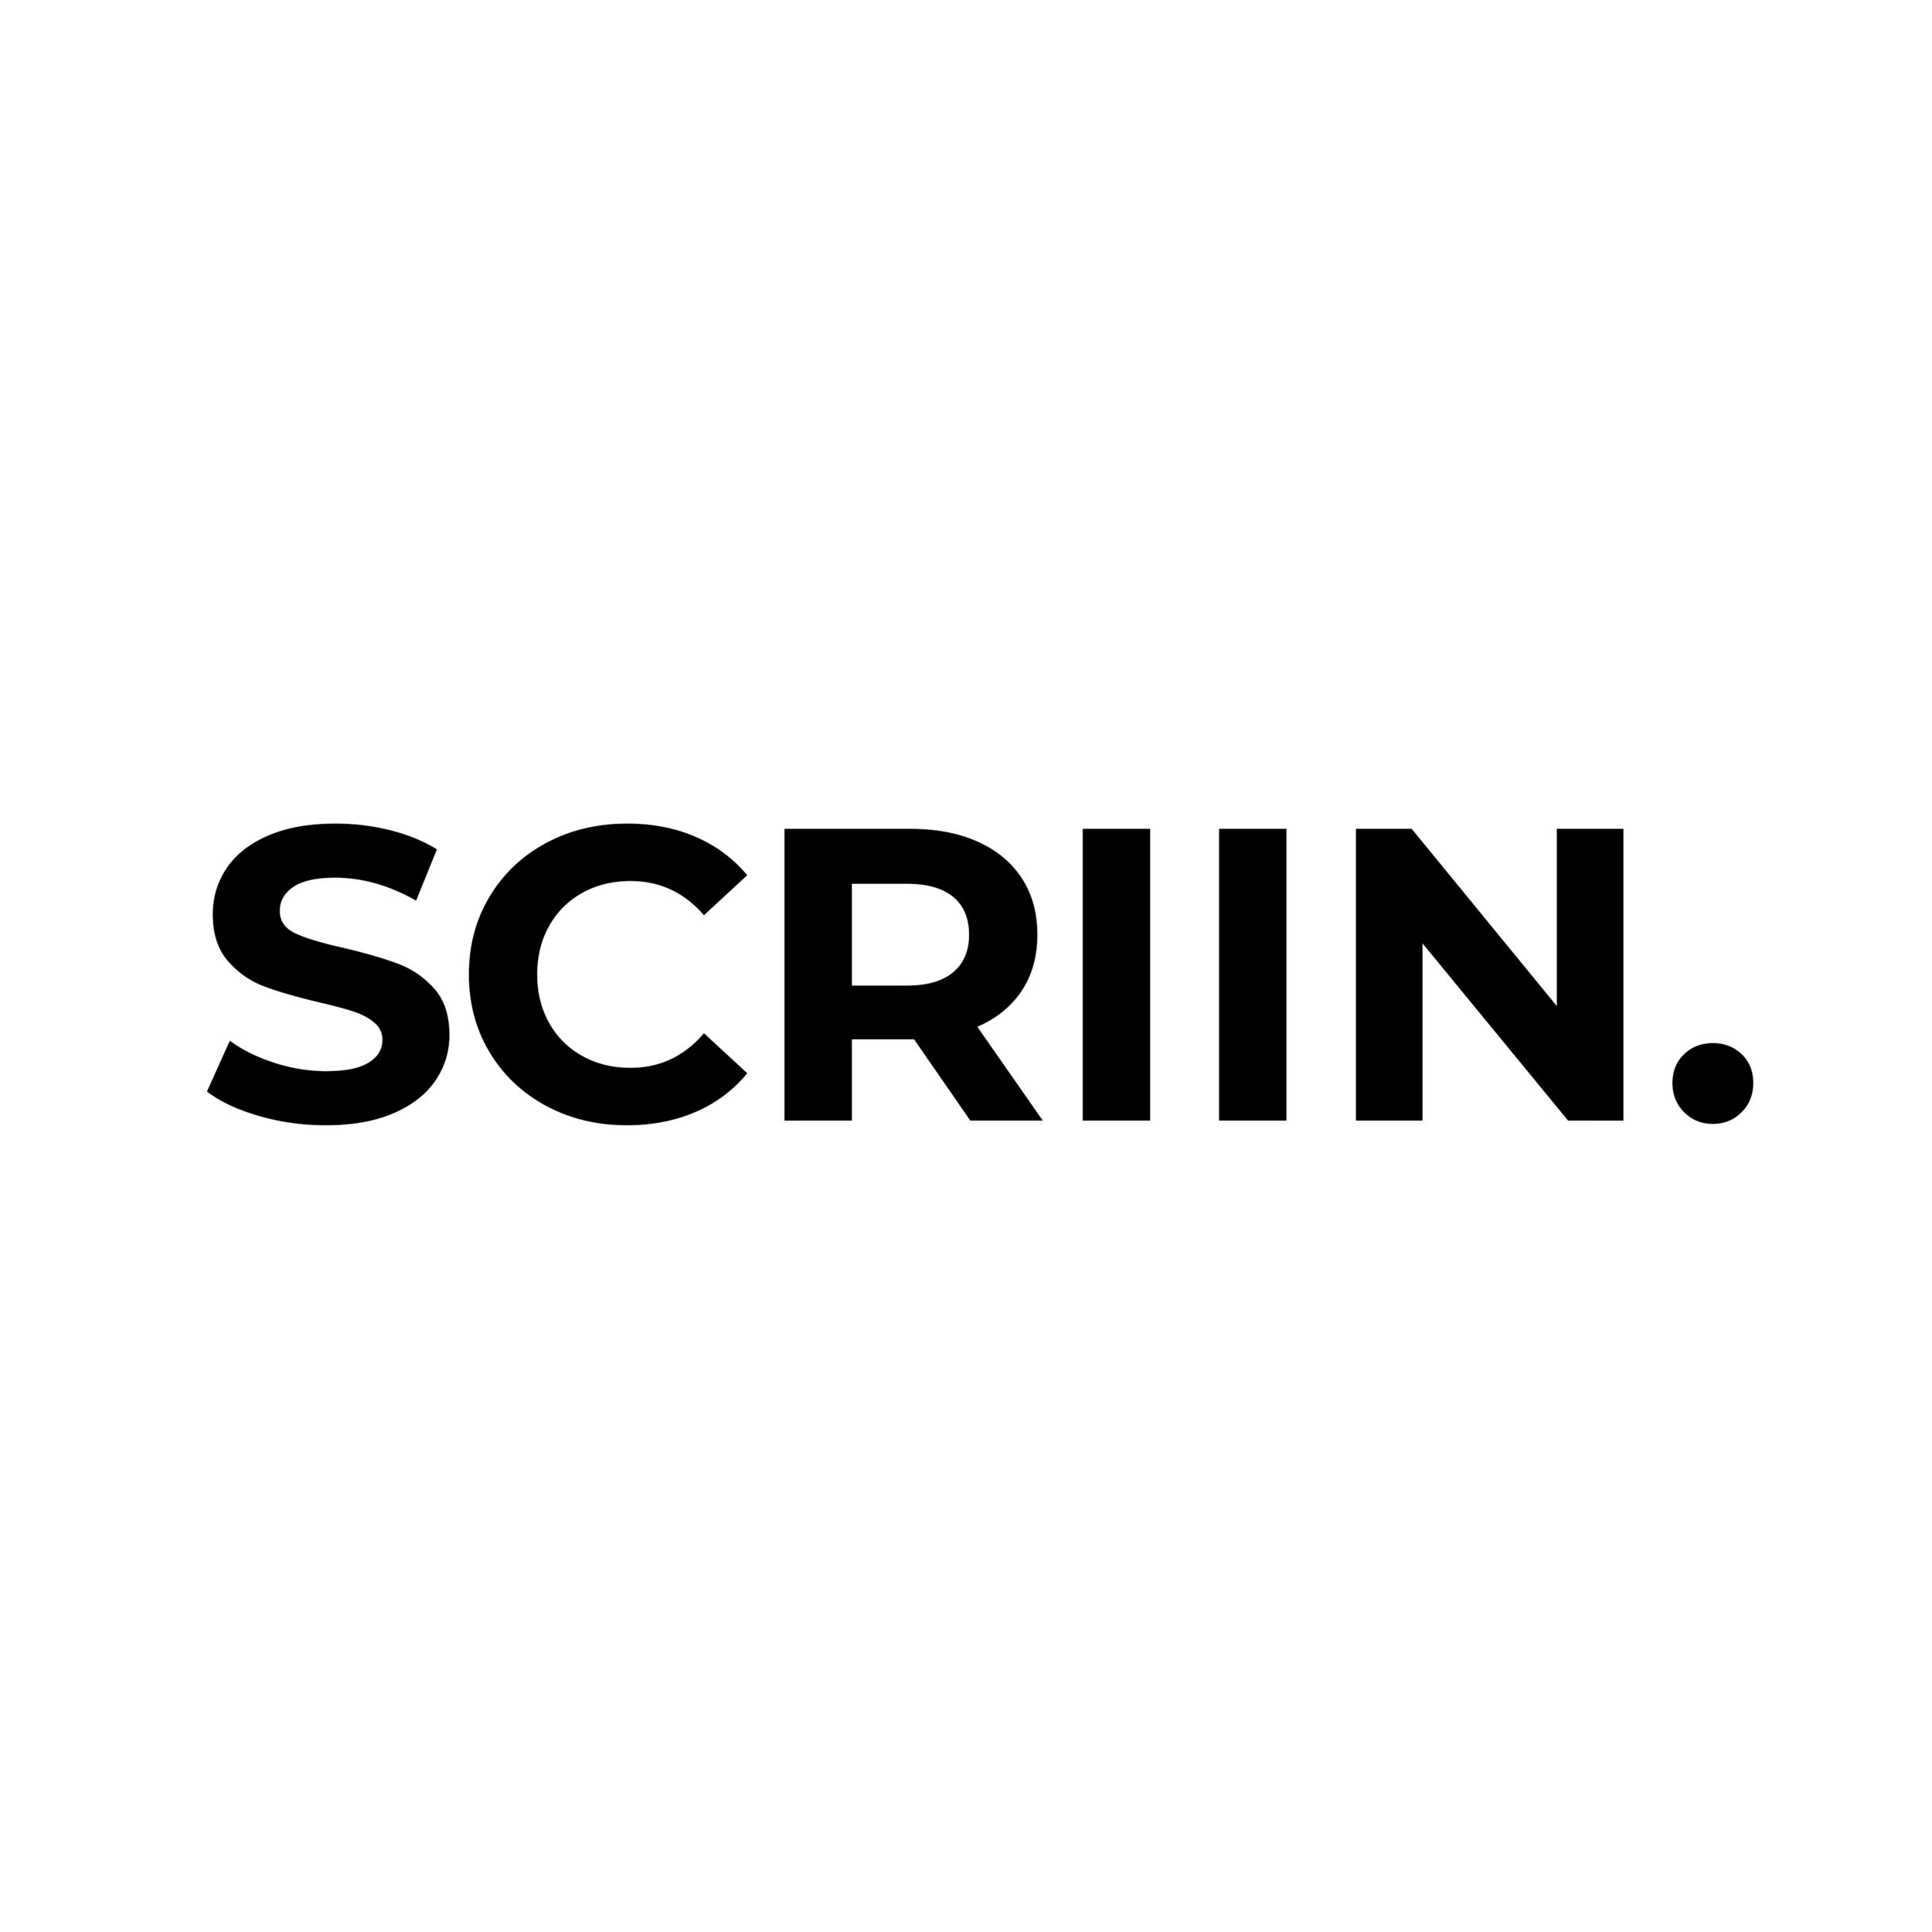 SCRIIN.png